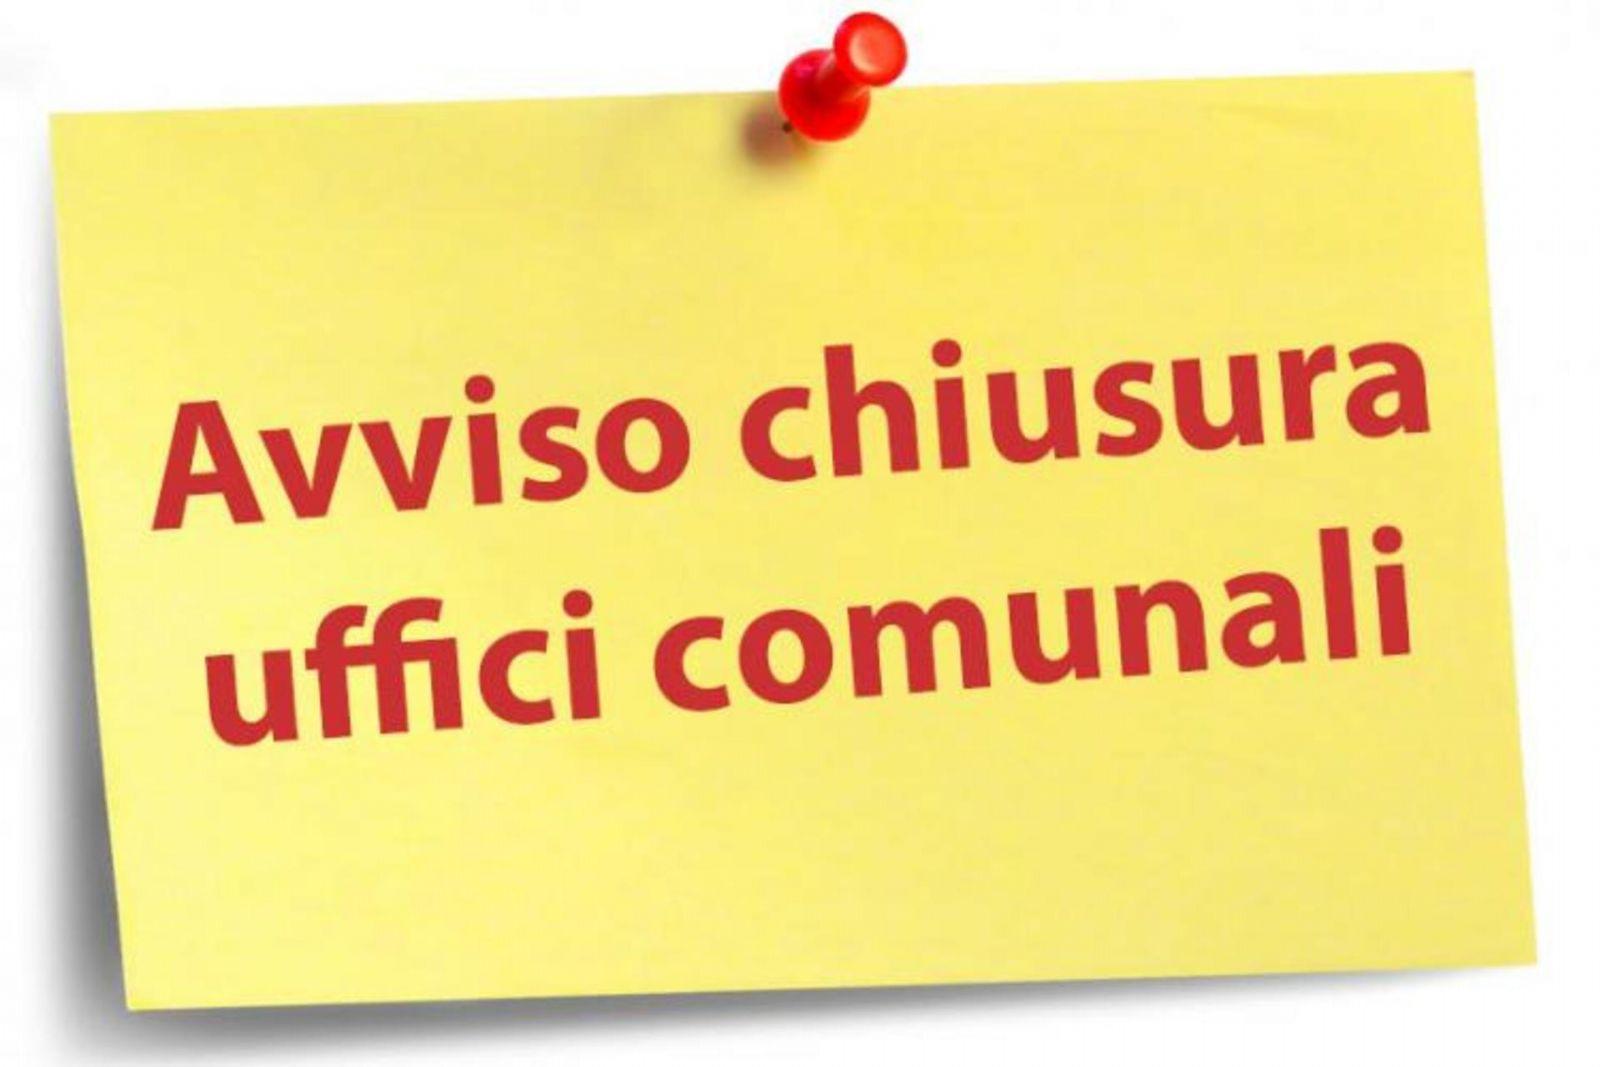 AVVISO DI  CHIUSURA UFFICI COMUNALI  PER IL GIORNO 07.12.2020